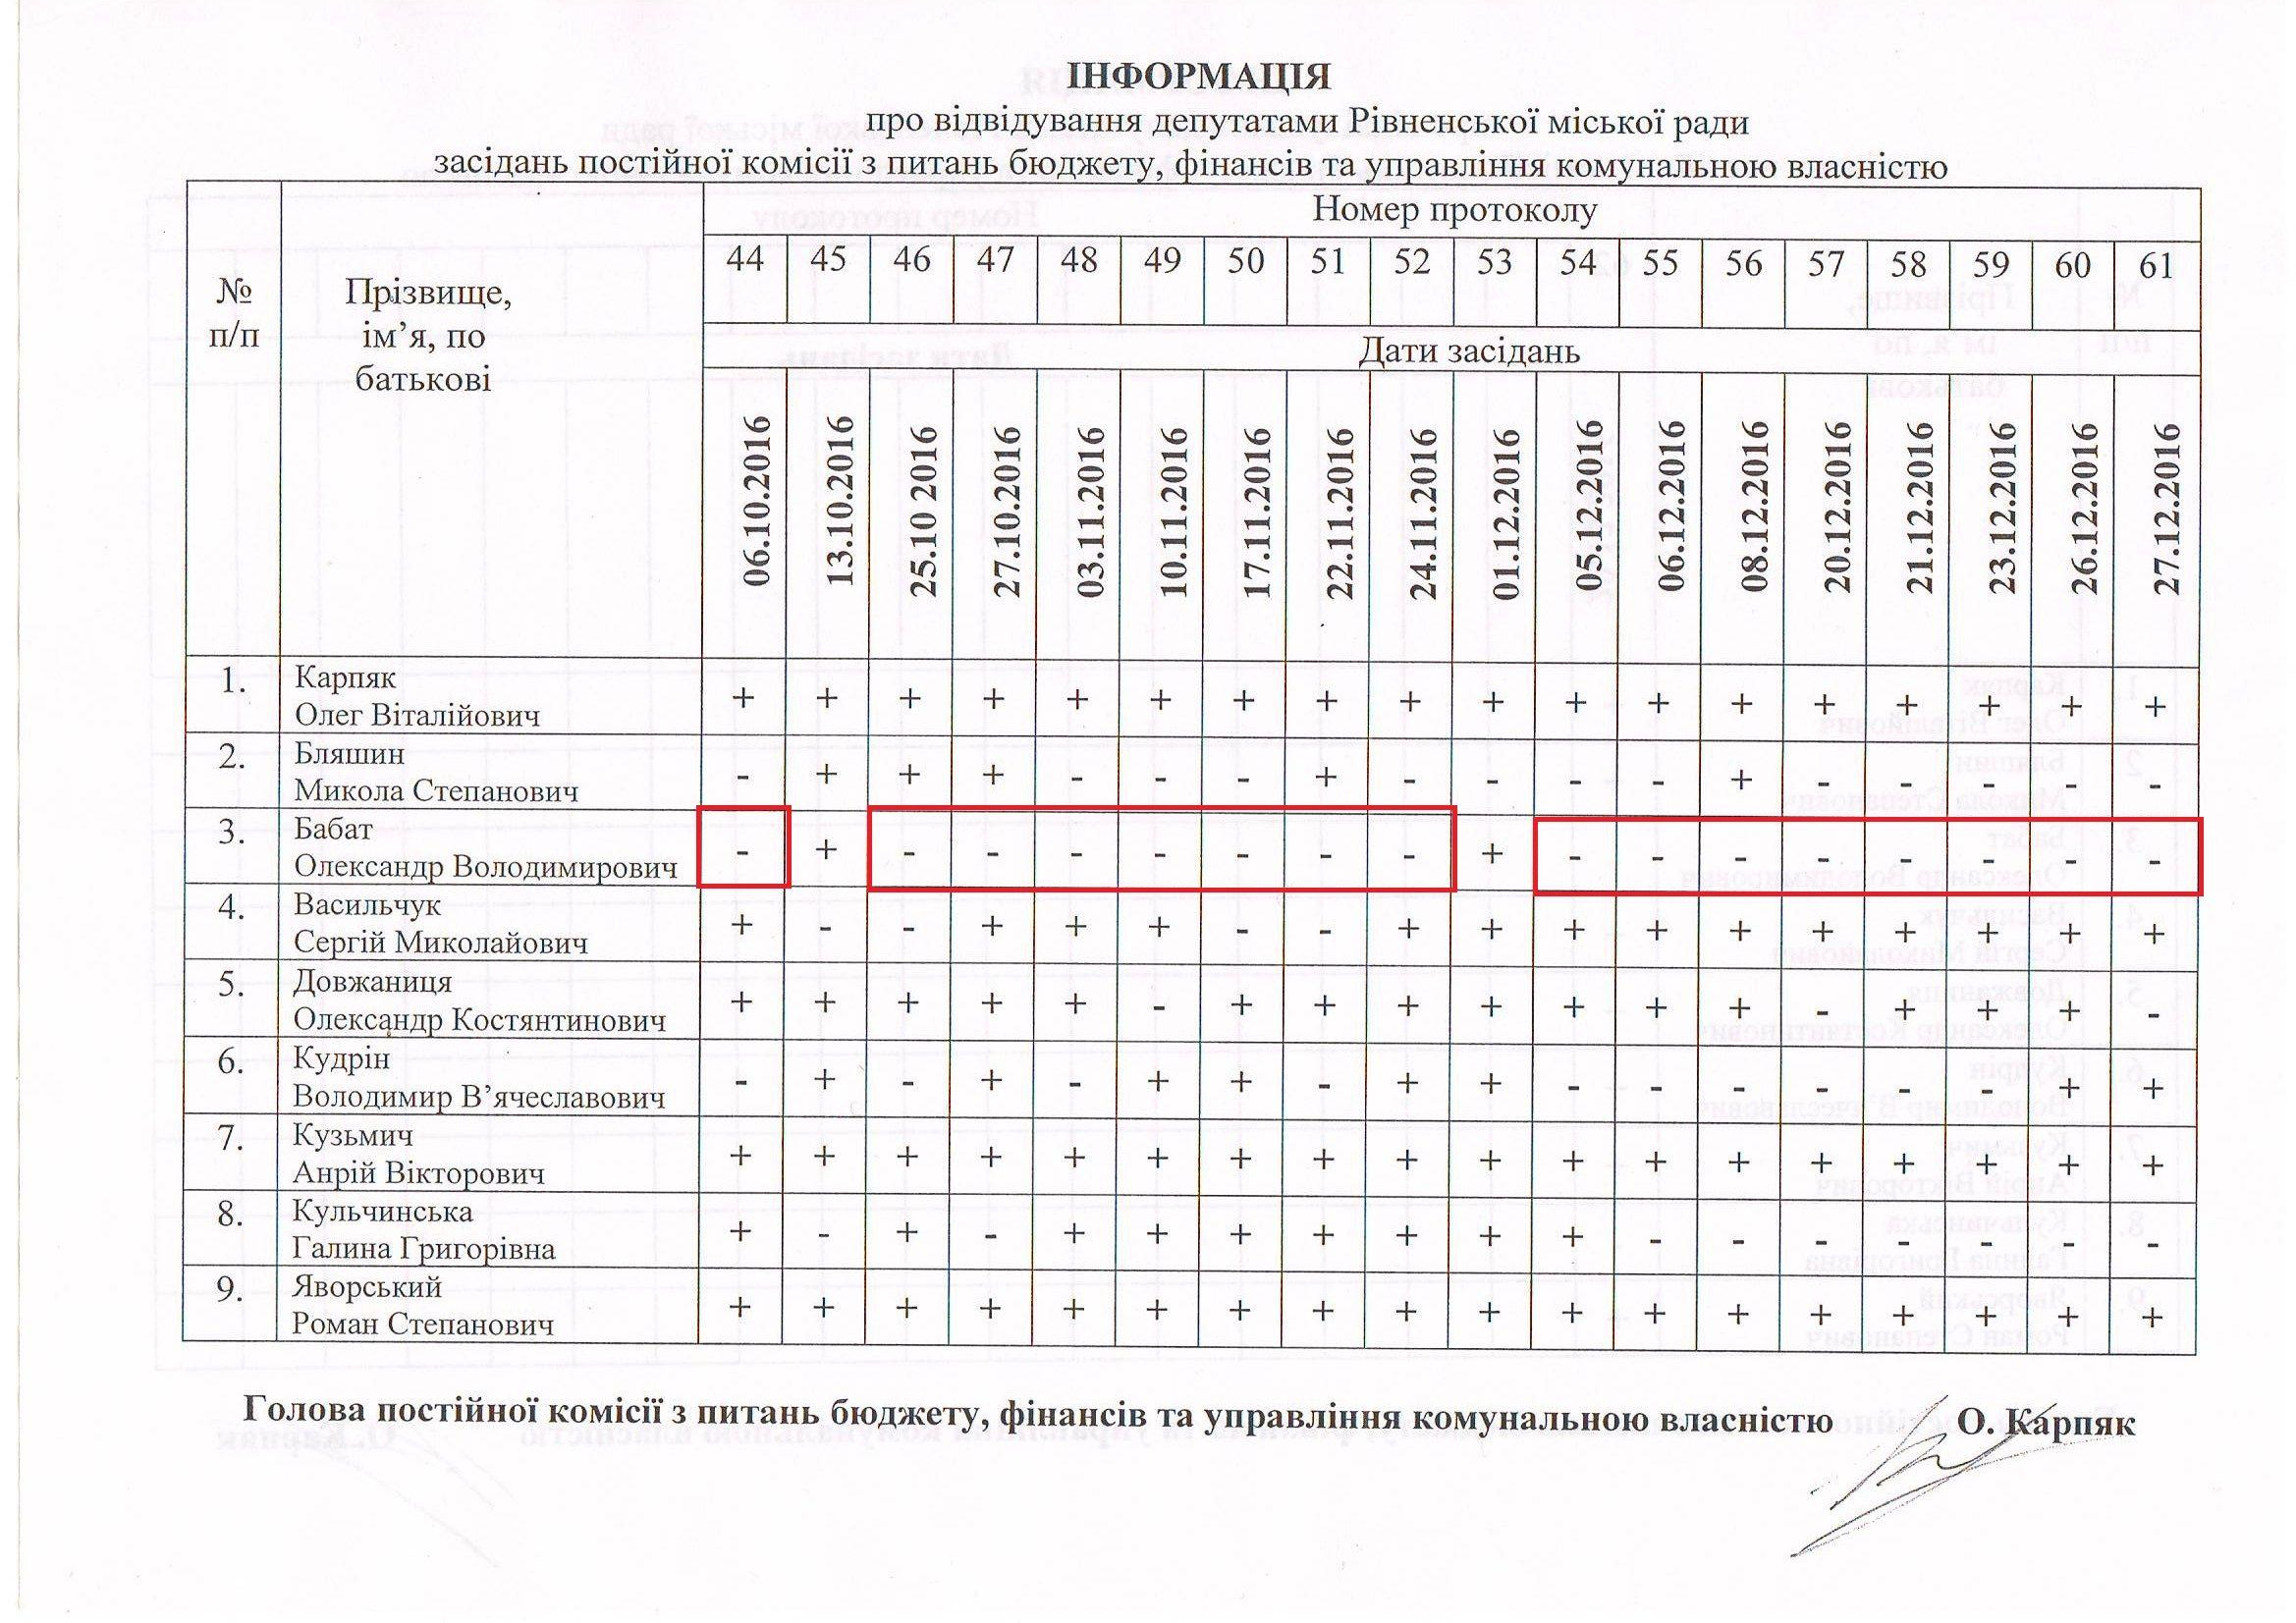 Пост. комісія з пит. бюджету44-61